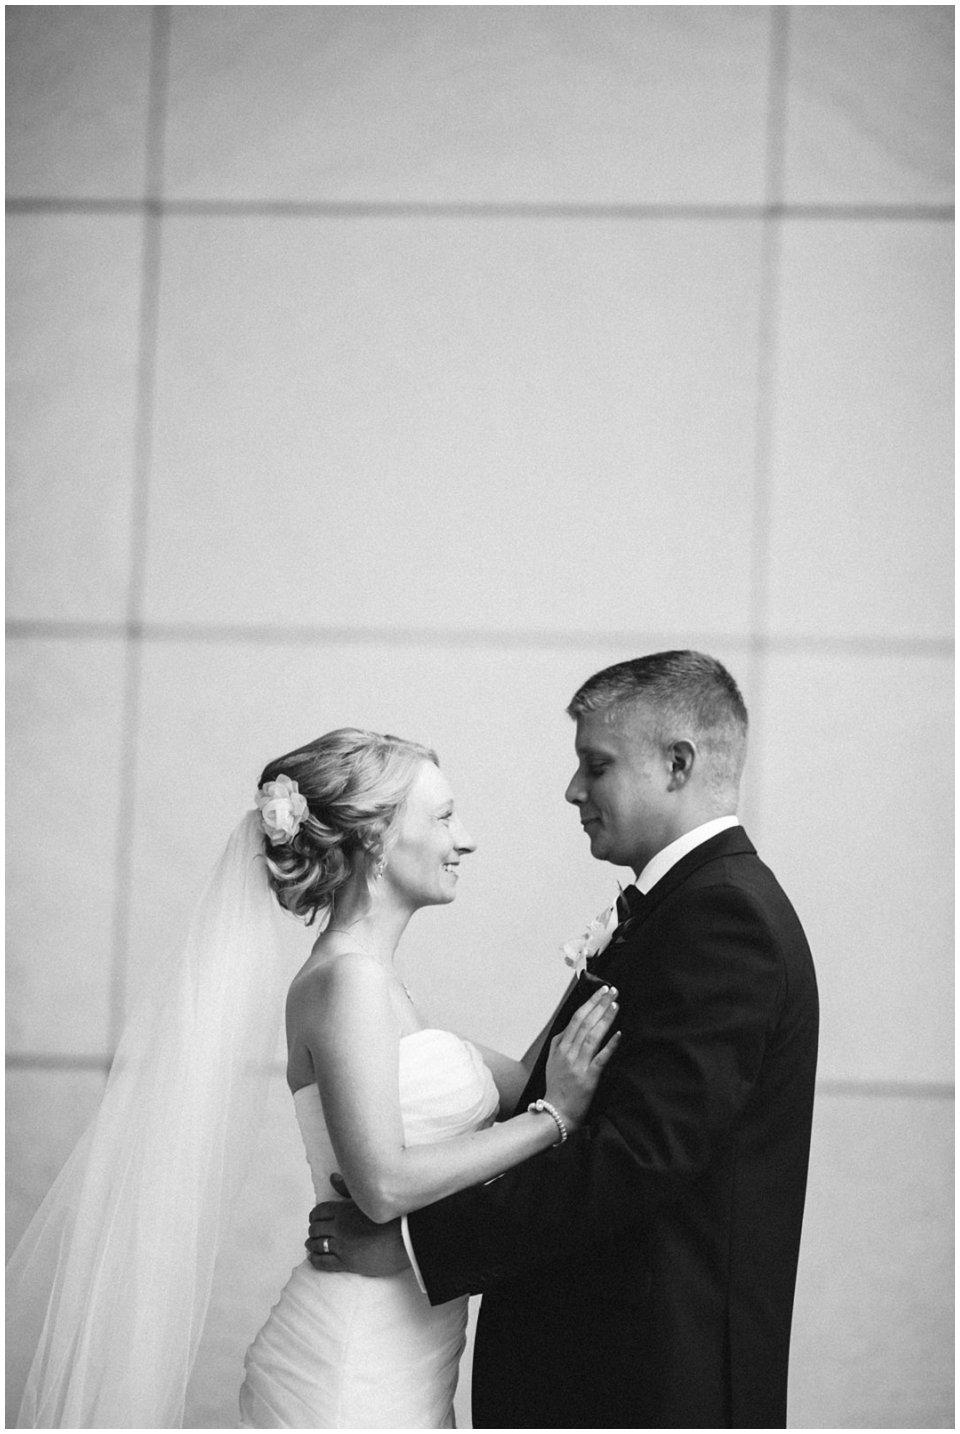 Omaha_Wedding_Doubletree_RobertJeanette26.jpg